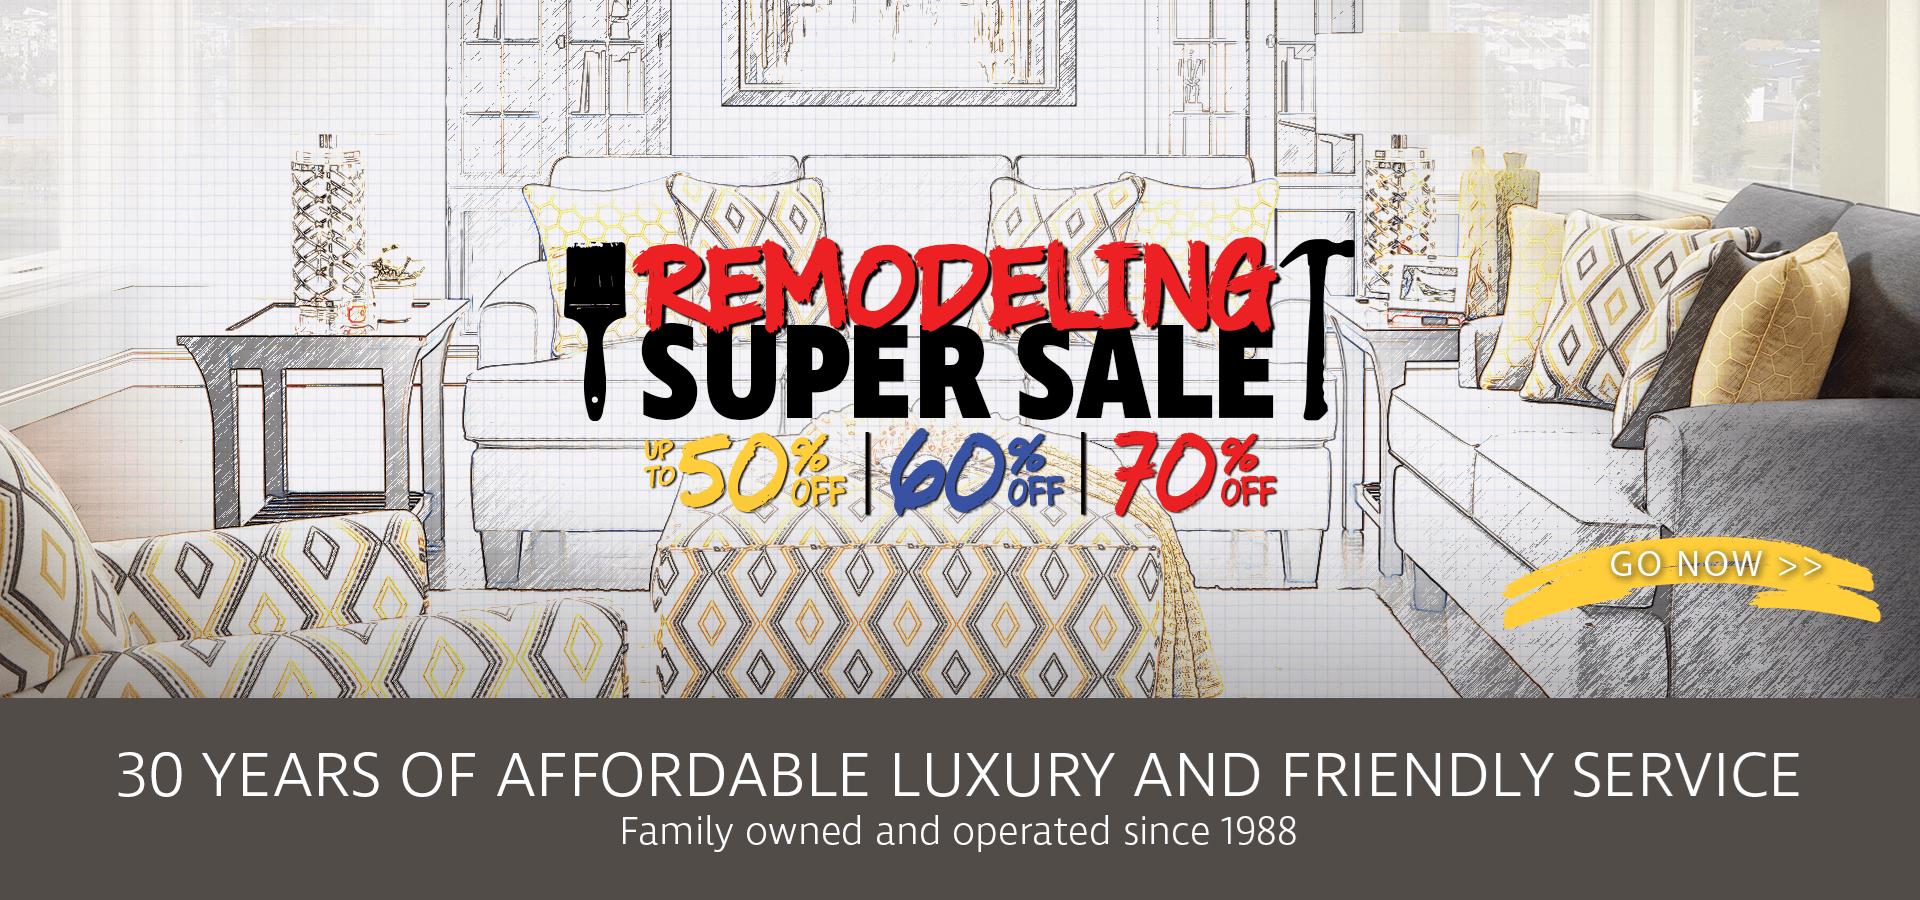 Remodeling Super Sale